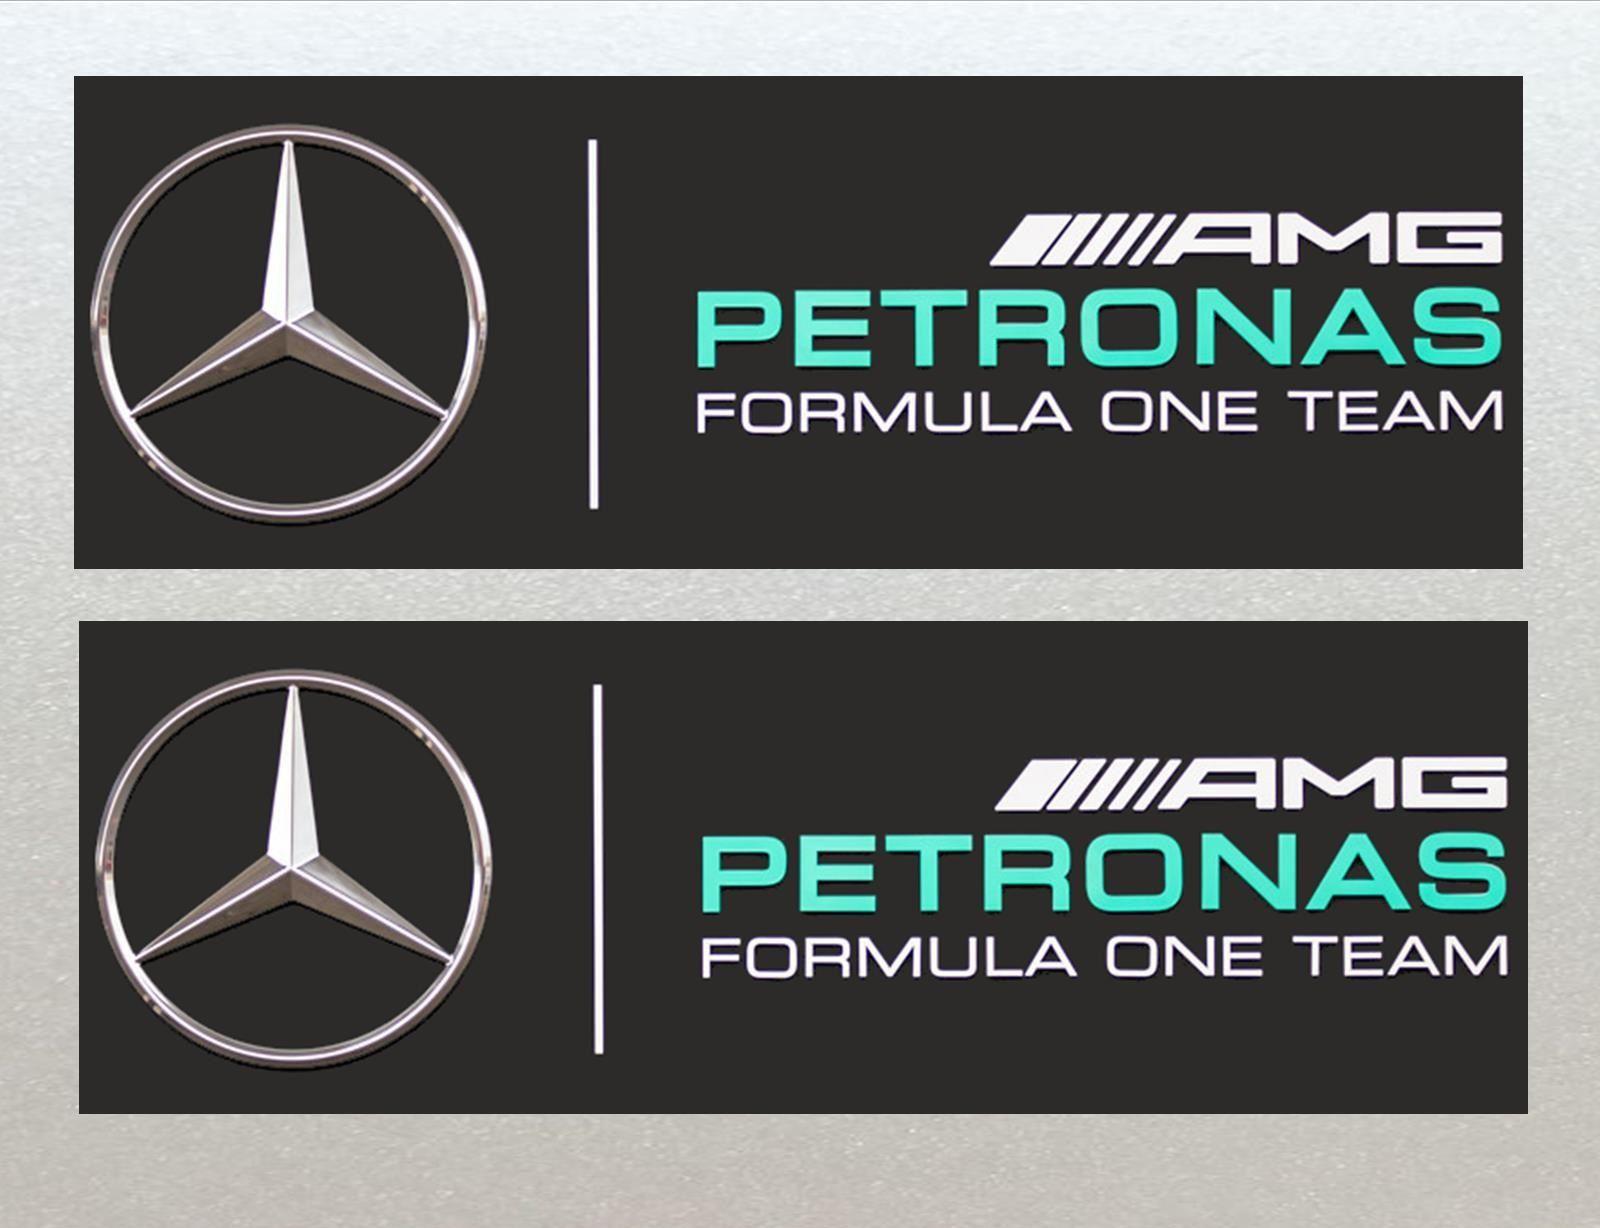 Mercedes Petronas Formula One F1 Racing Car Van Rc Etc Stickers 2x Included 125mm Formula 1 Autos Formula 1 Mercedes [ 1228 x 1600 Pixel ]